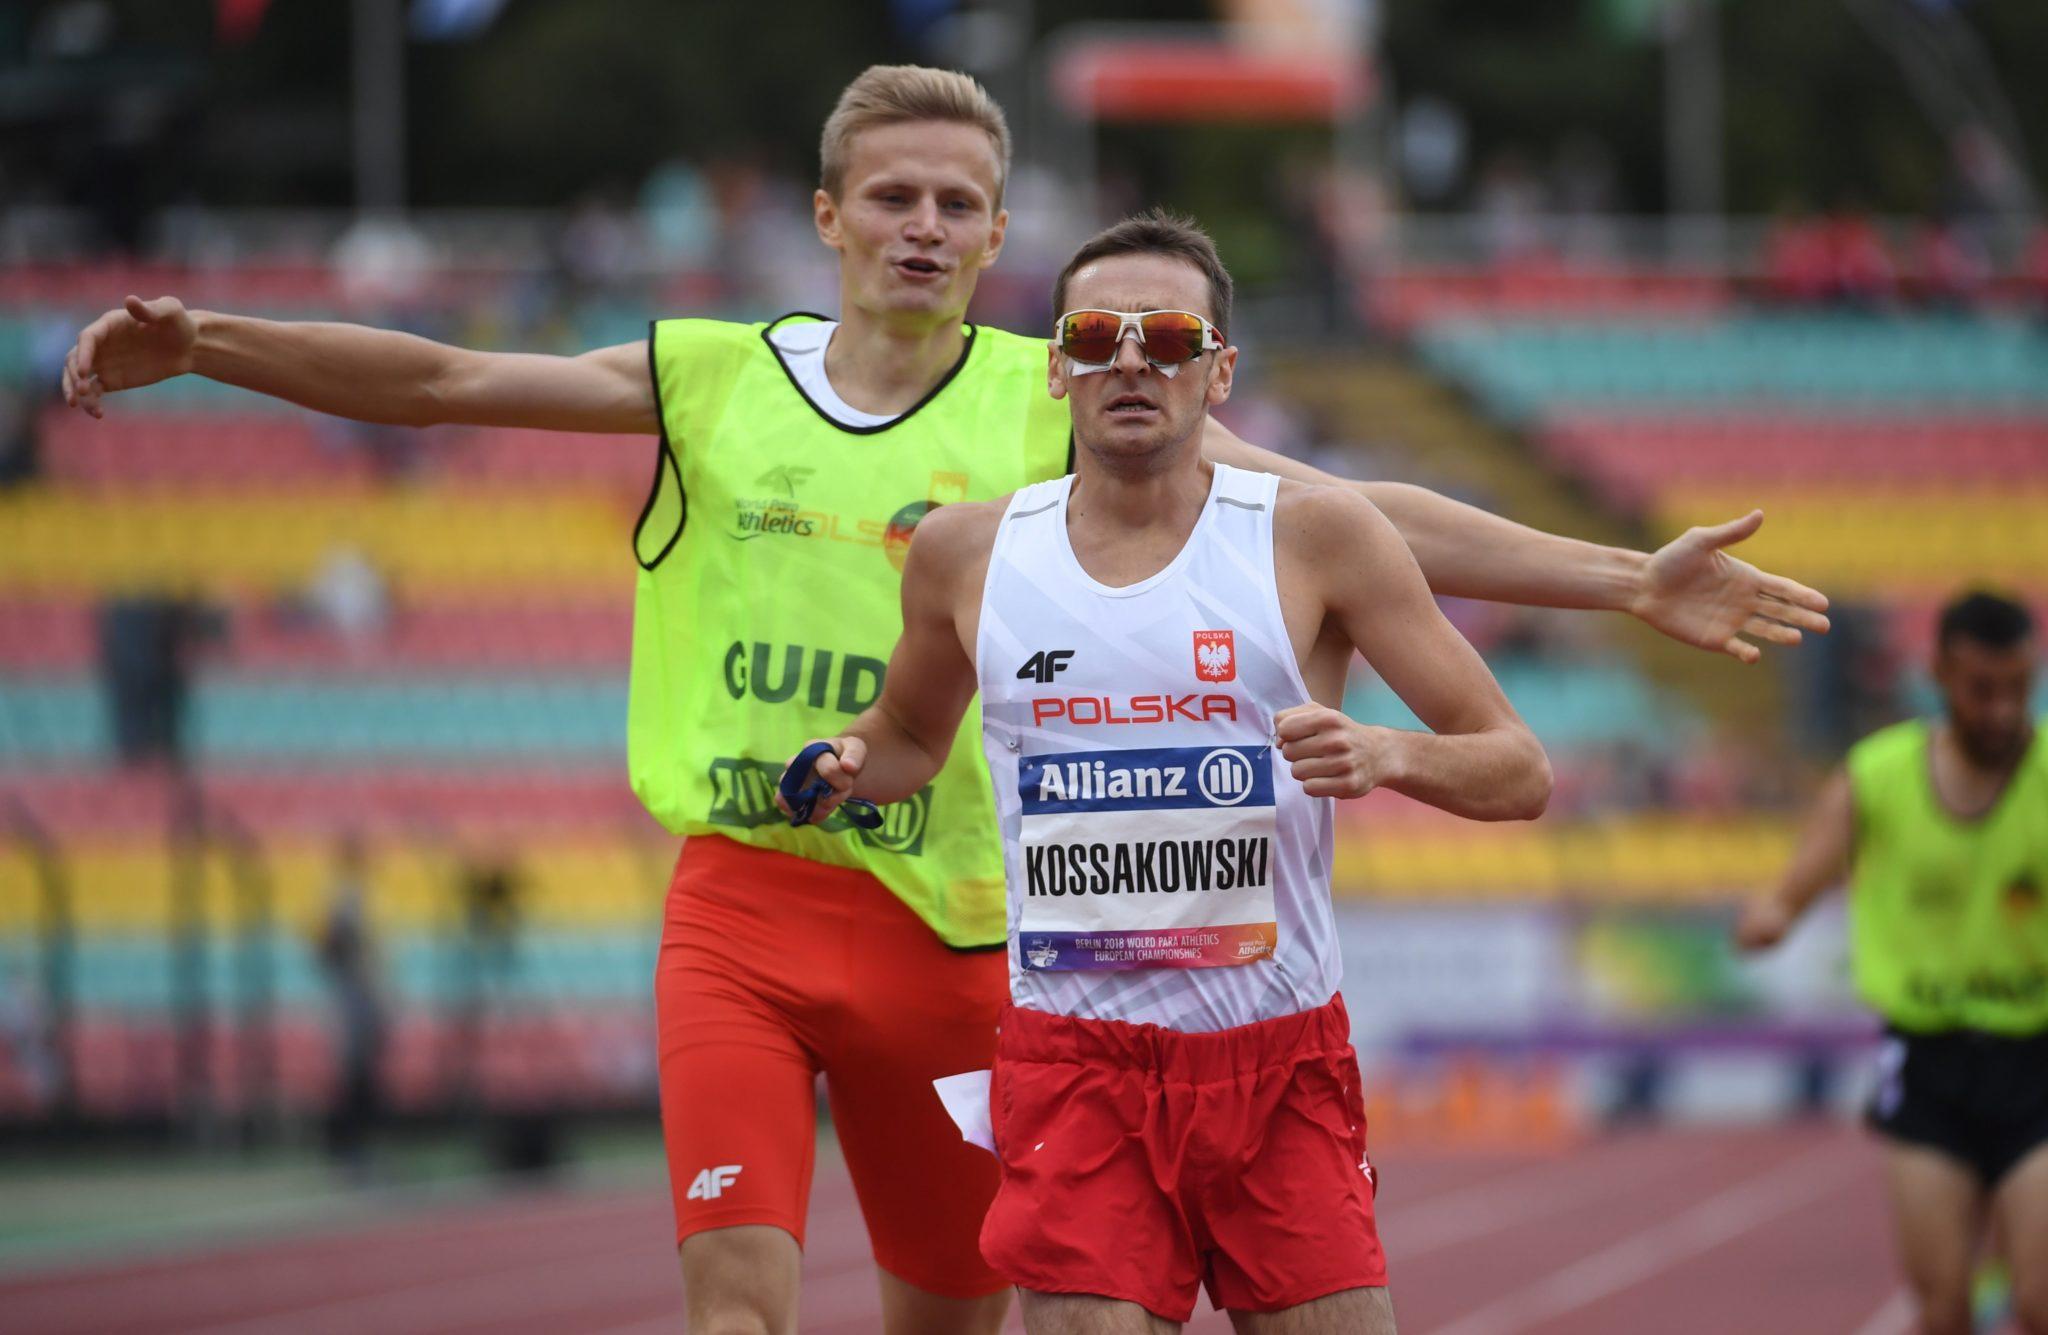 Aleksander Kossakowski i przewodnik Krzysztof Wasilewski w finałowym biegu na dystansie 1500 metrów